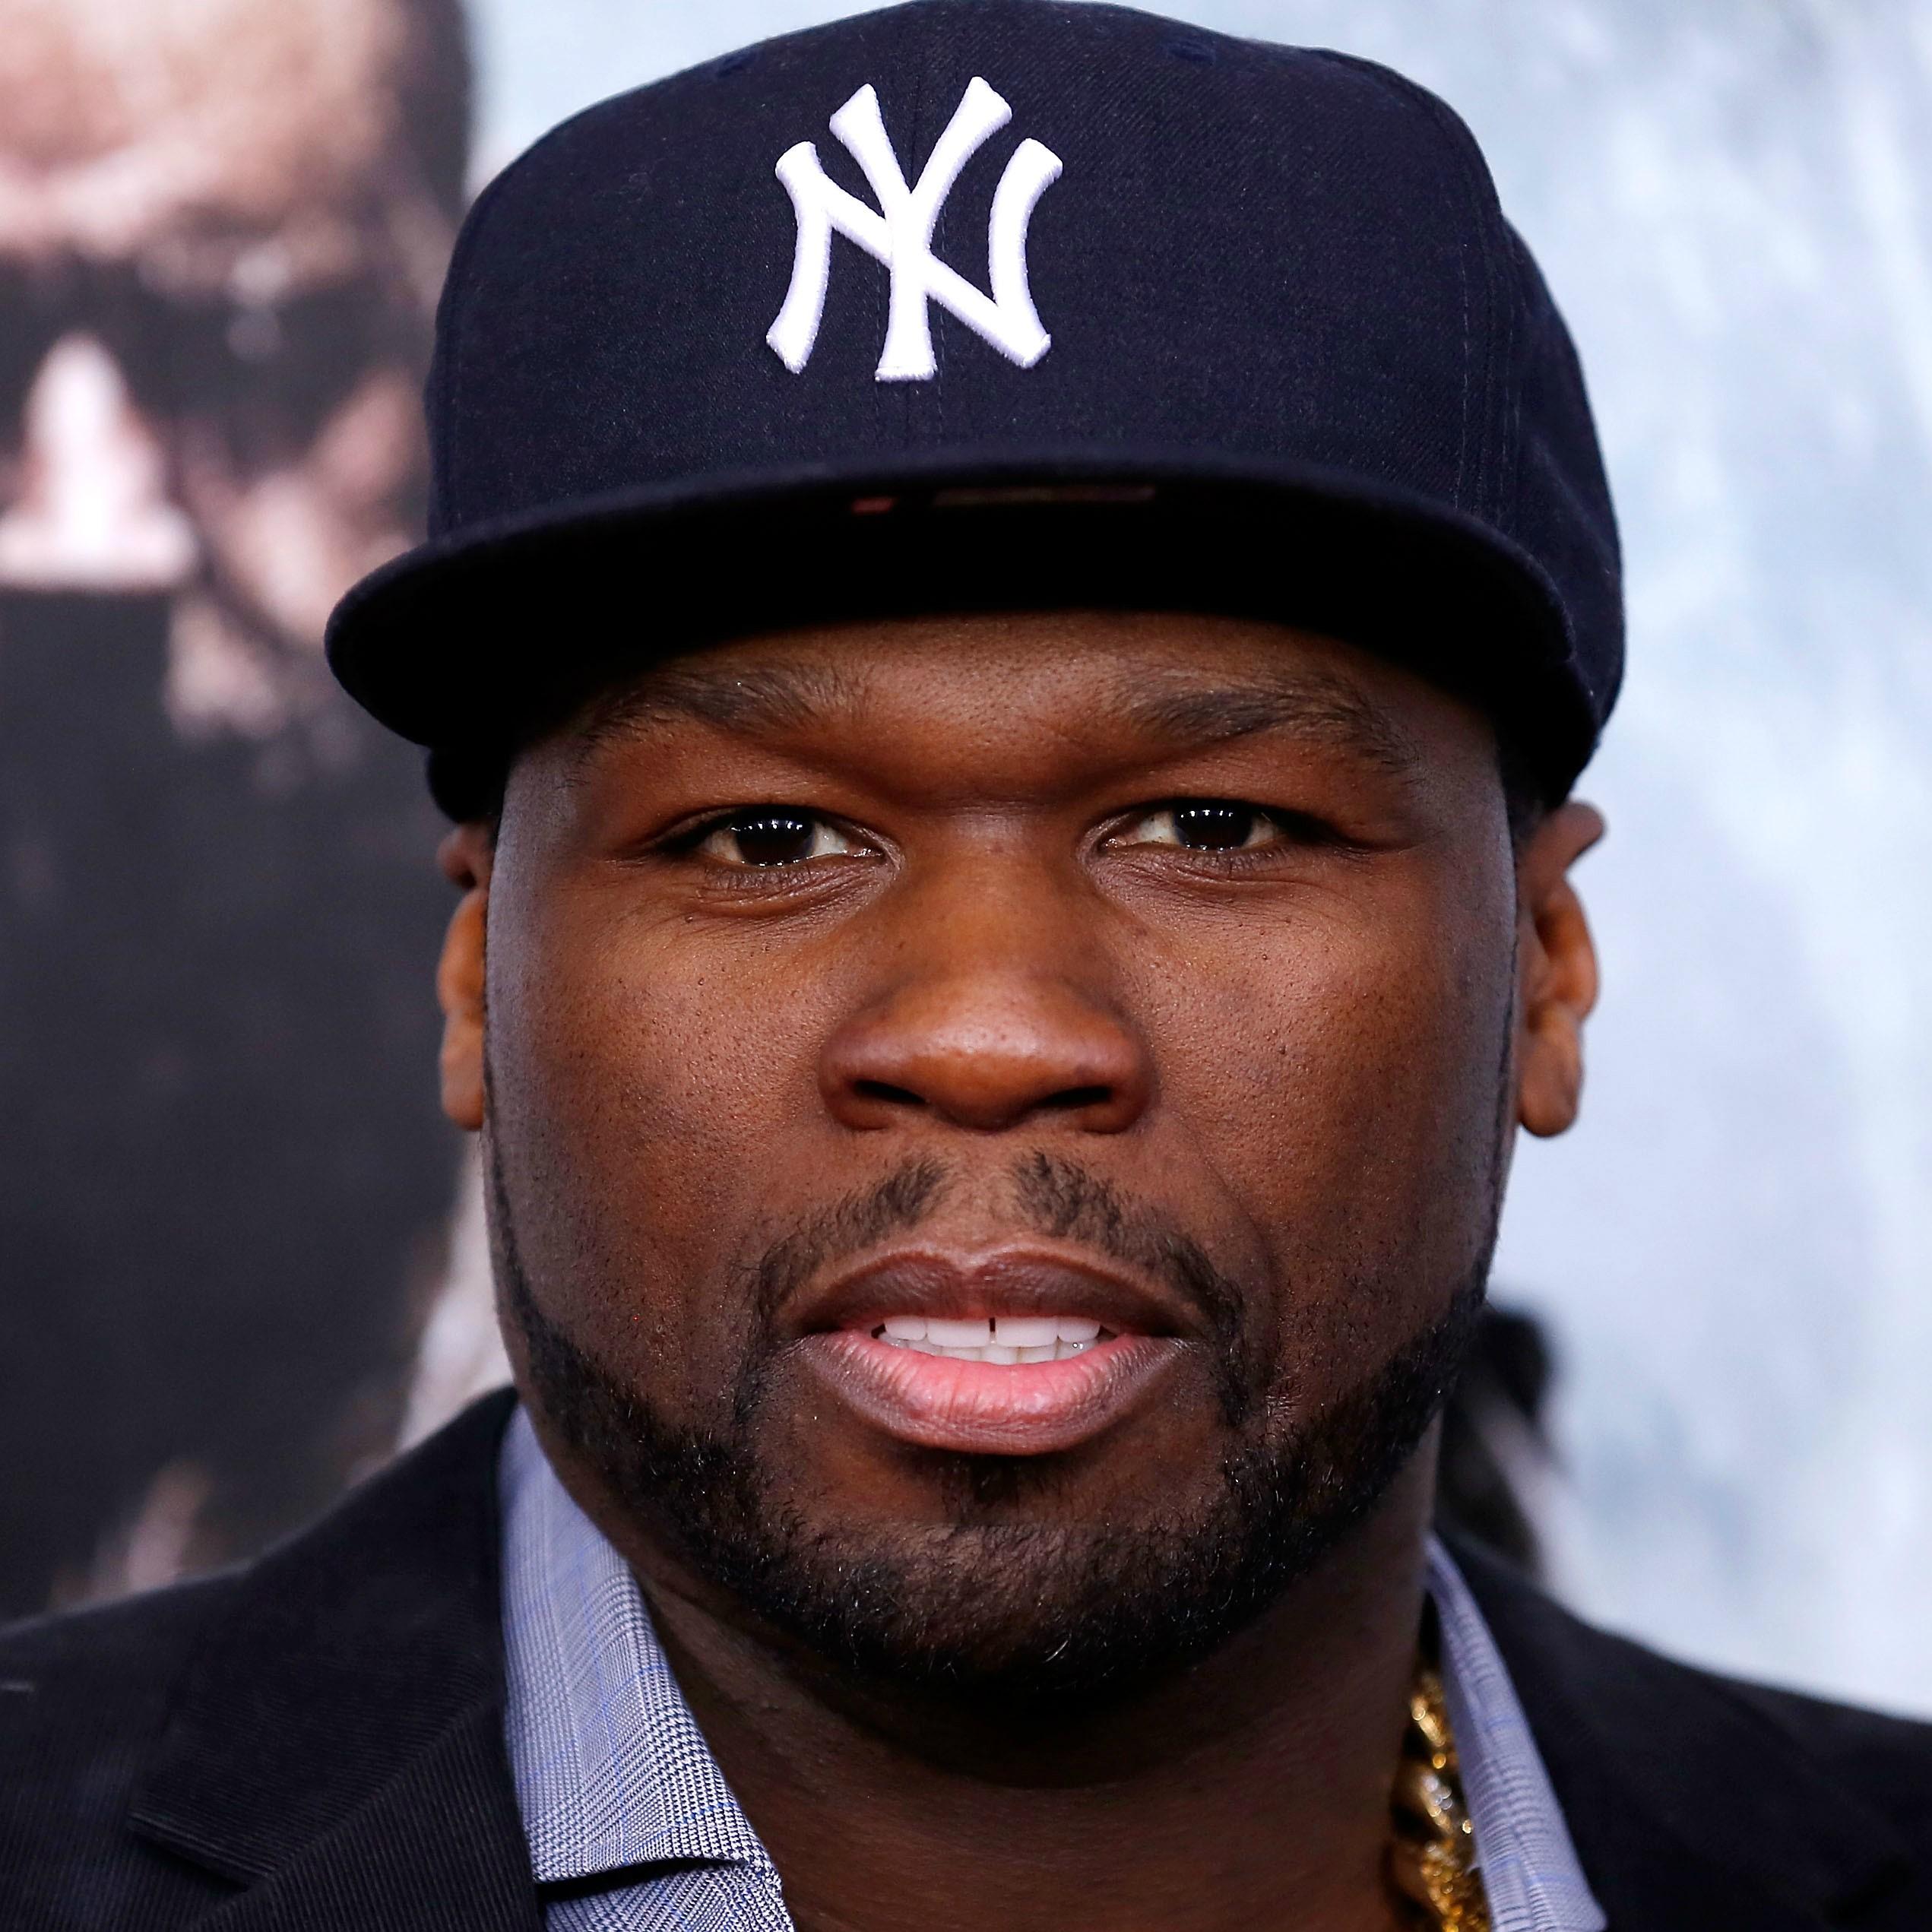 Um rapper à prova de balas: 50 Cent foi atingido por nove tiros em um único ataque em 2005. Sobreviveu e contou a história toda no filme 'Fique Rico ou Morra Tentando' (2005). (Foto: Getty Images)